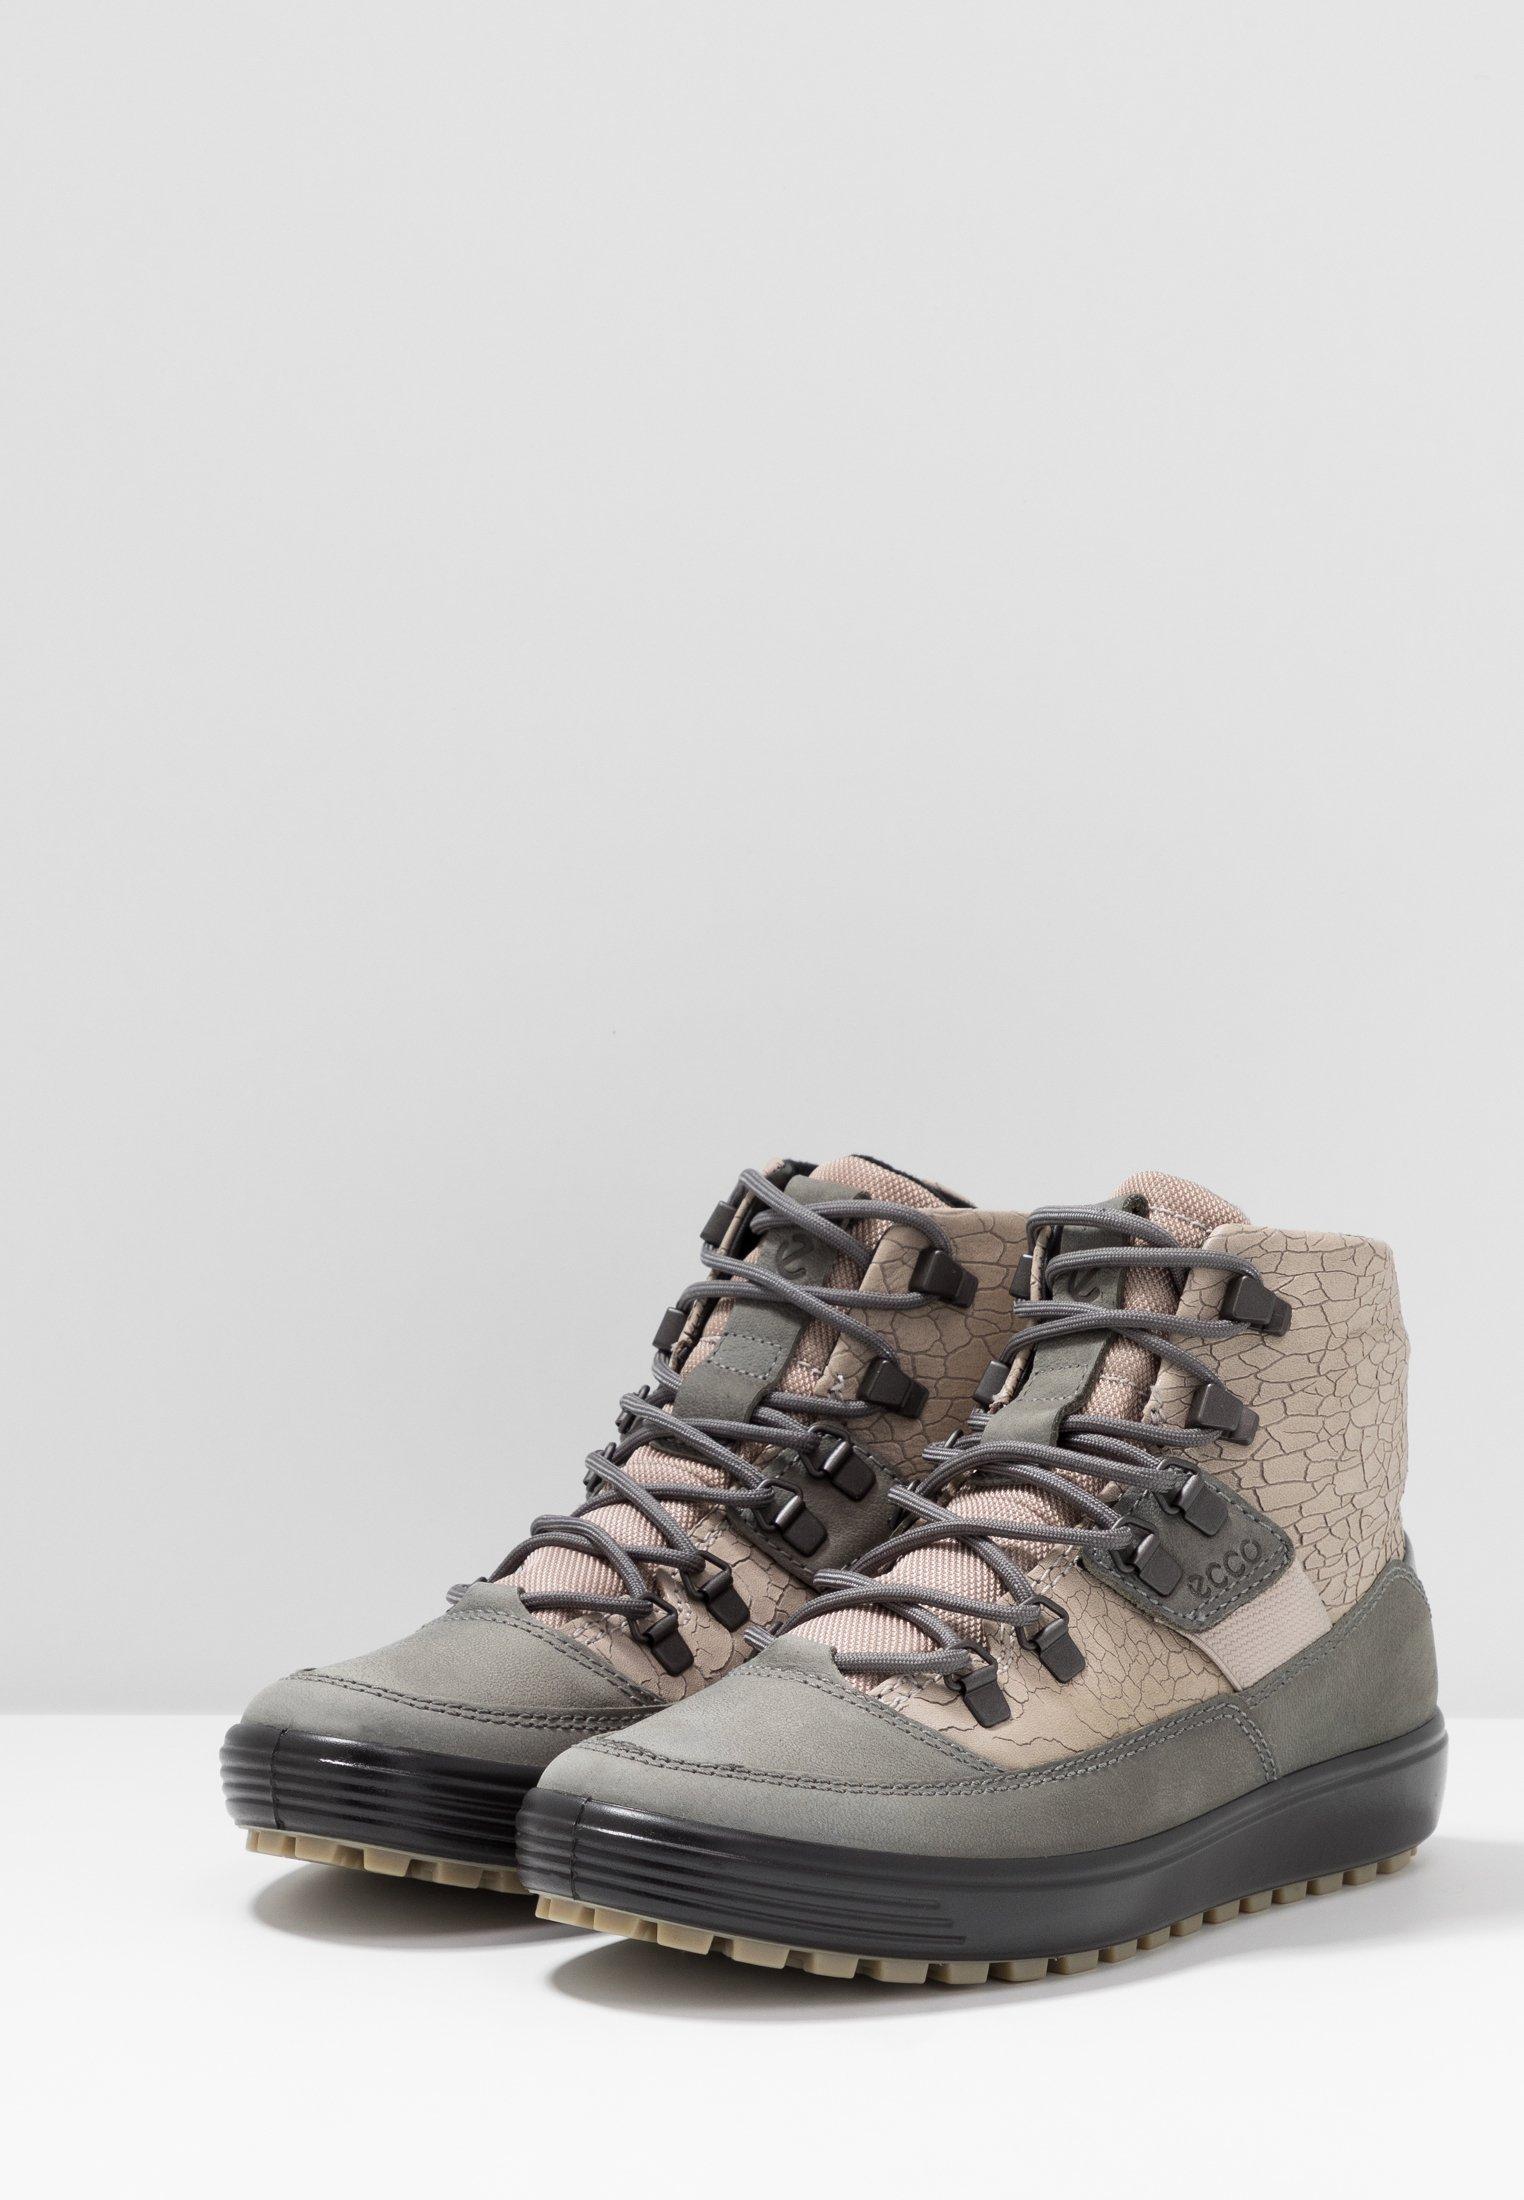 Soft TredScarpa Da Rose Hiking Titanium Ecco 7 grey n0PkwOXN8